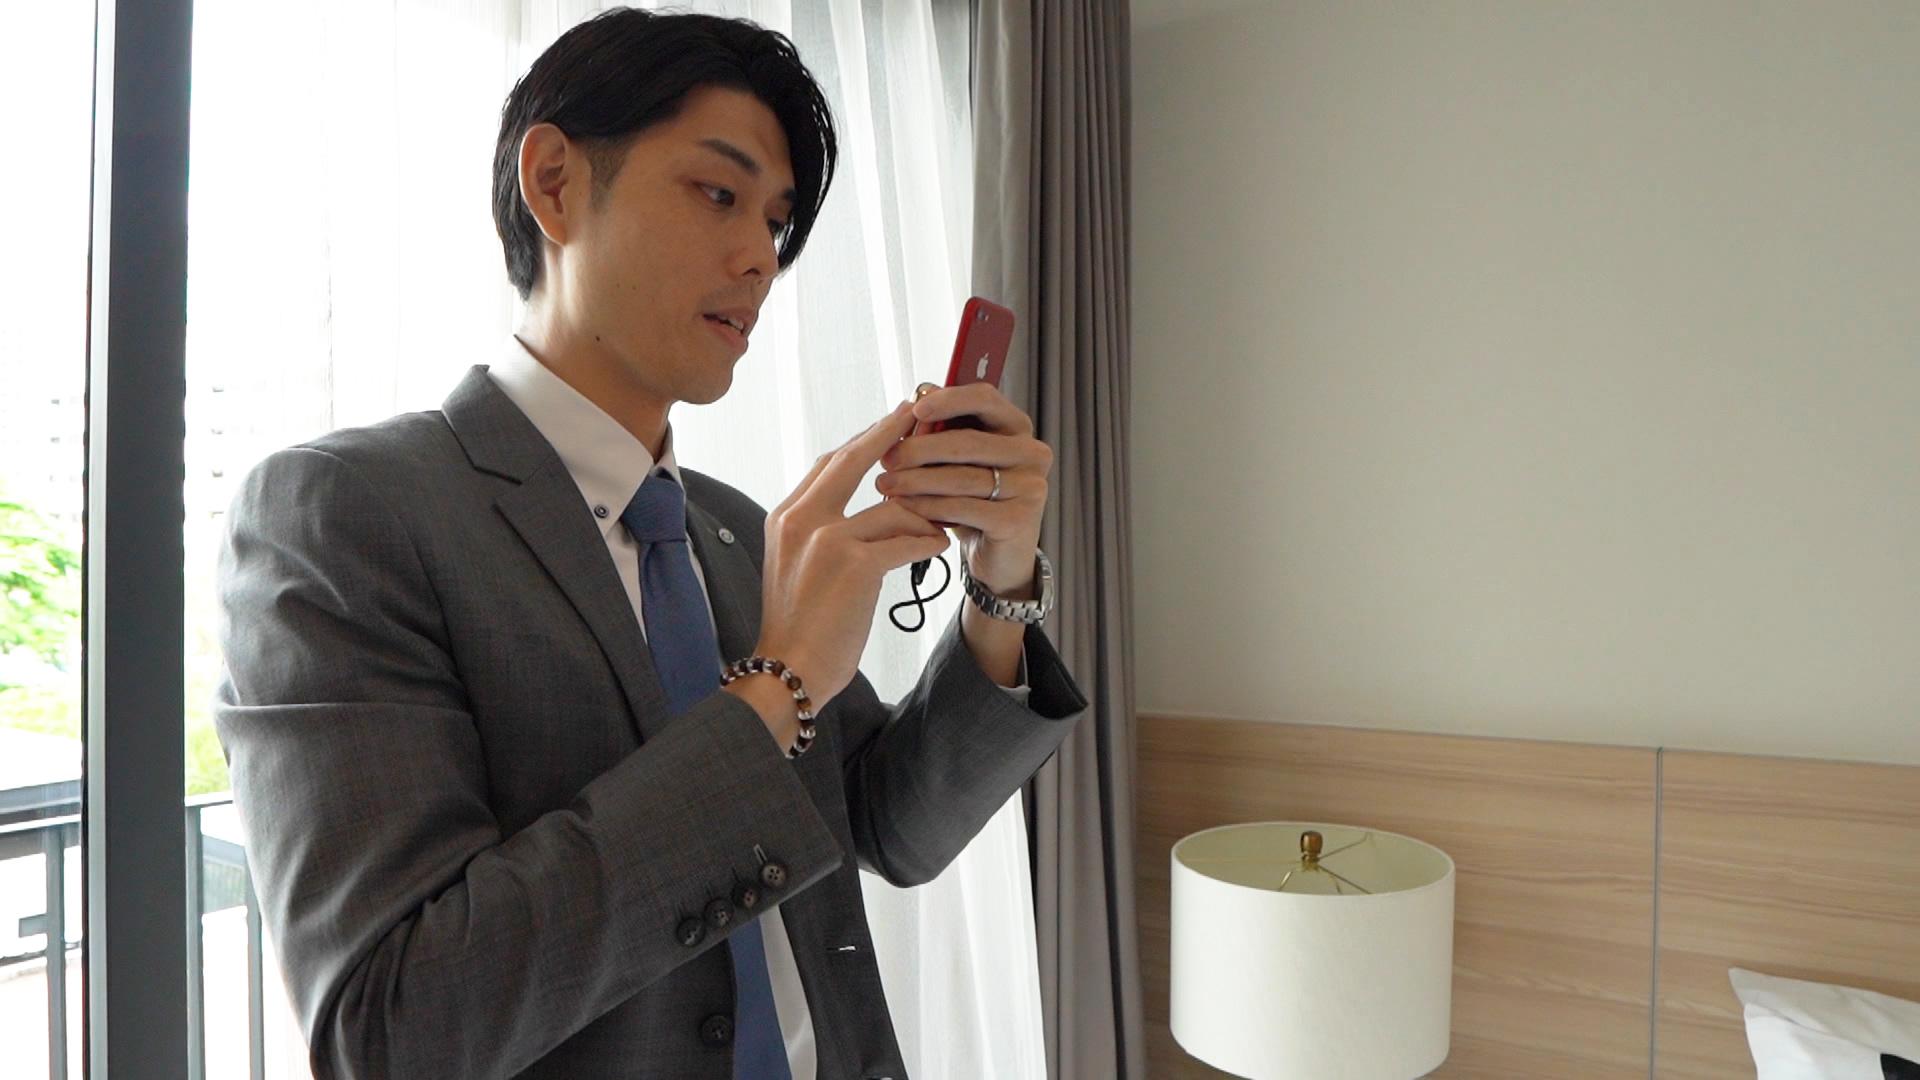 タイと日本をつなぐお部屋探しの新提案!「オンライン内見」サービス開始<PR>